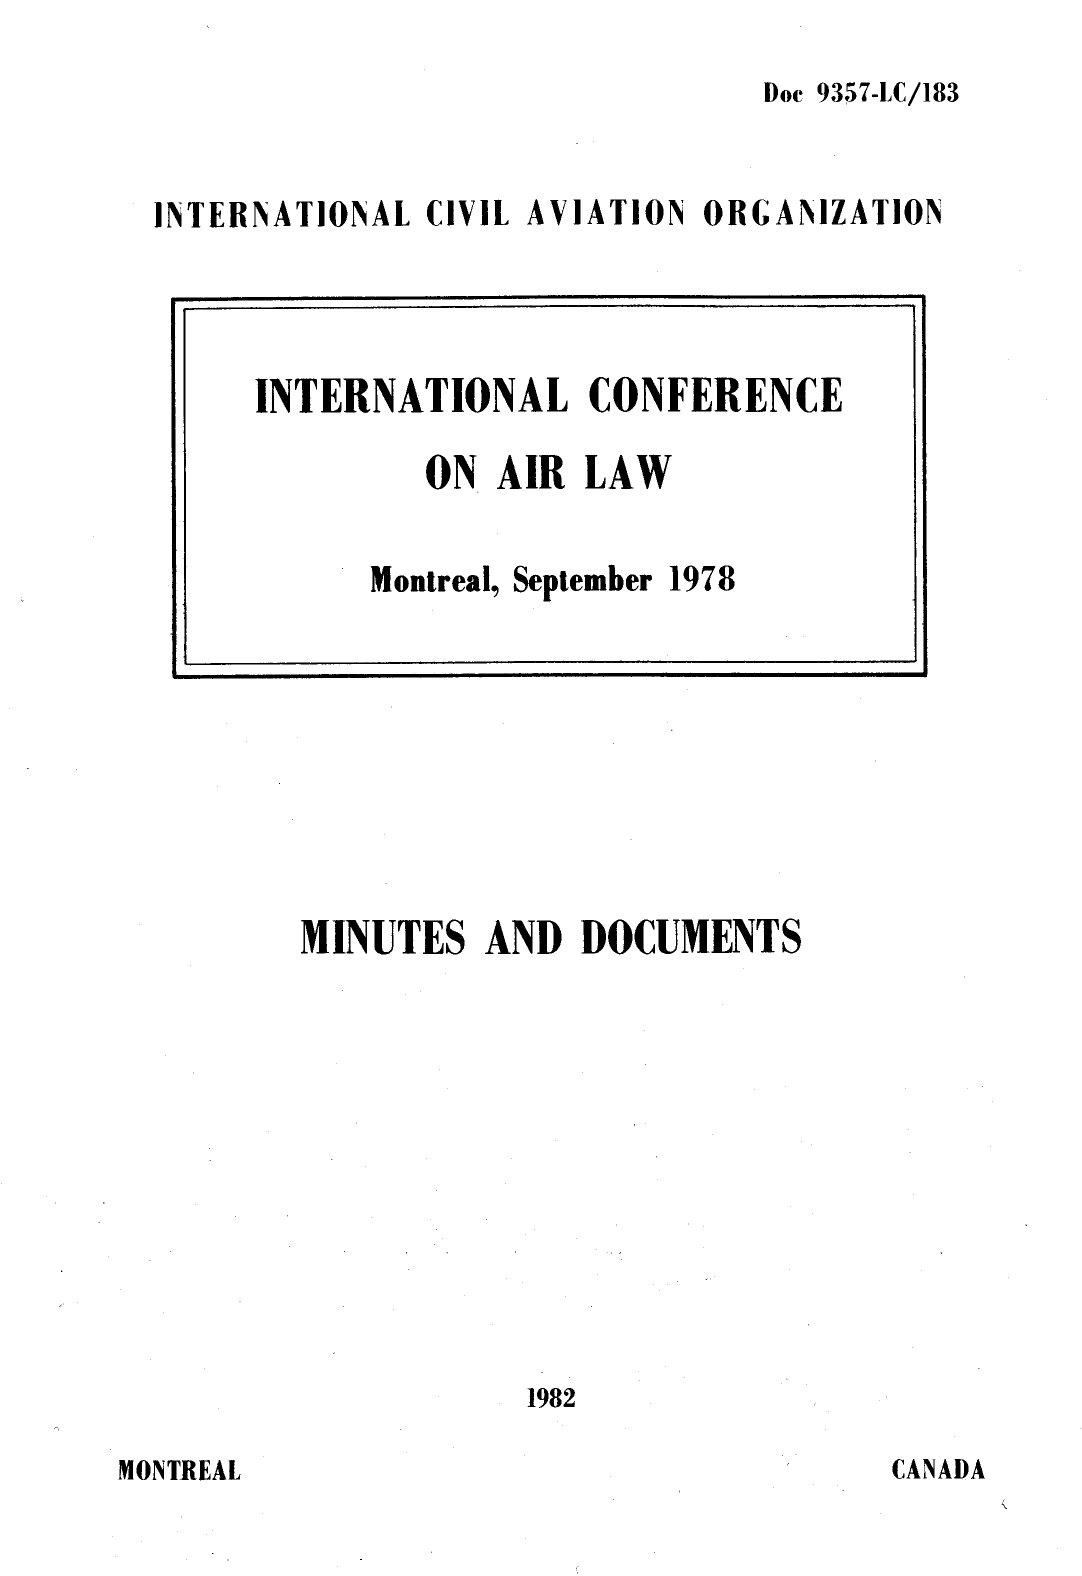 ICAO Doc 9357 Международная конференция по воздушному праву. (Протокол об изменении Конвенции об ущербе, причиненном иностранными воздушными судами третьим лицам на поверхности, подписанной в Риме 7 октября 1952 года) Монреаль, сентябрь 1978 г. (English)